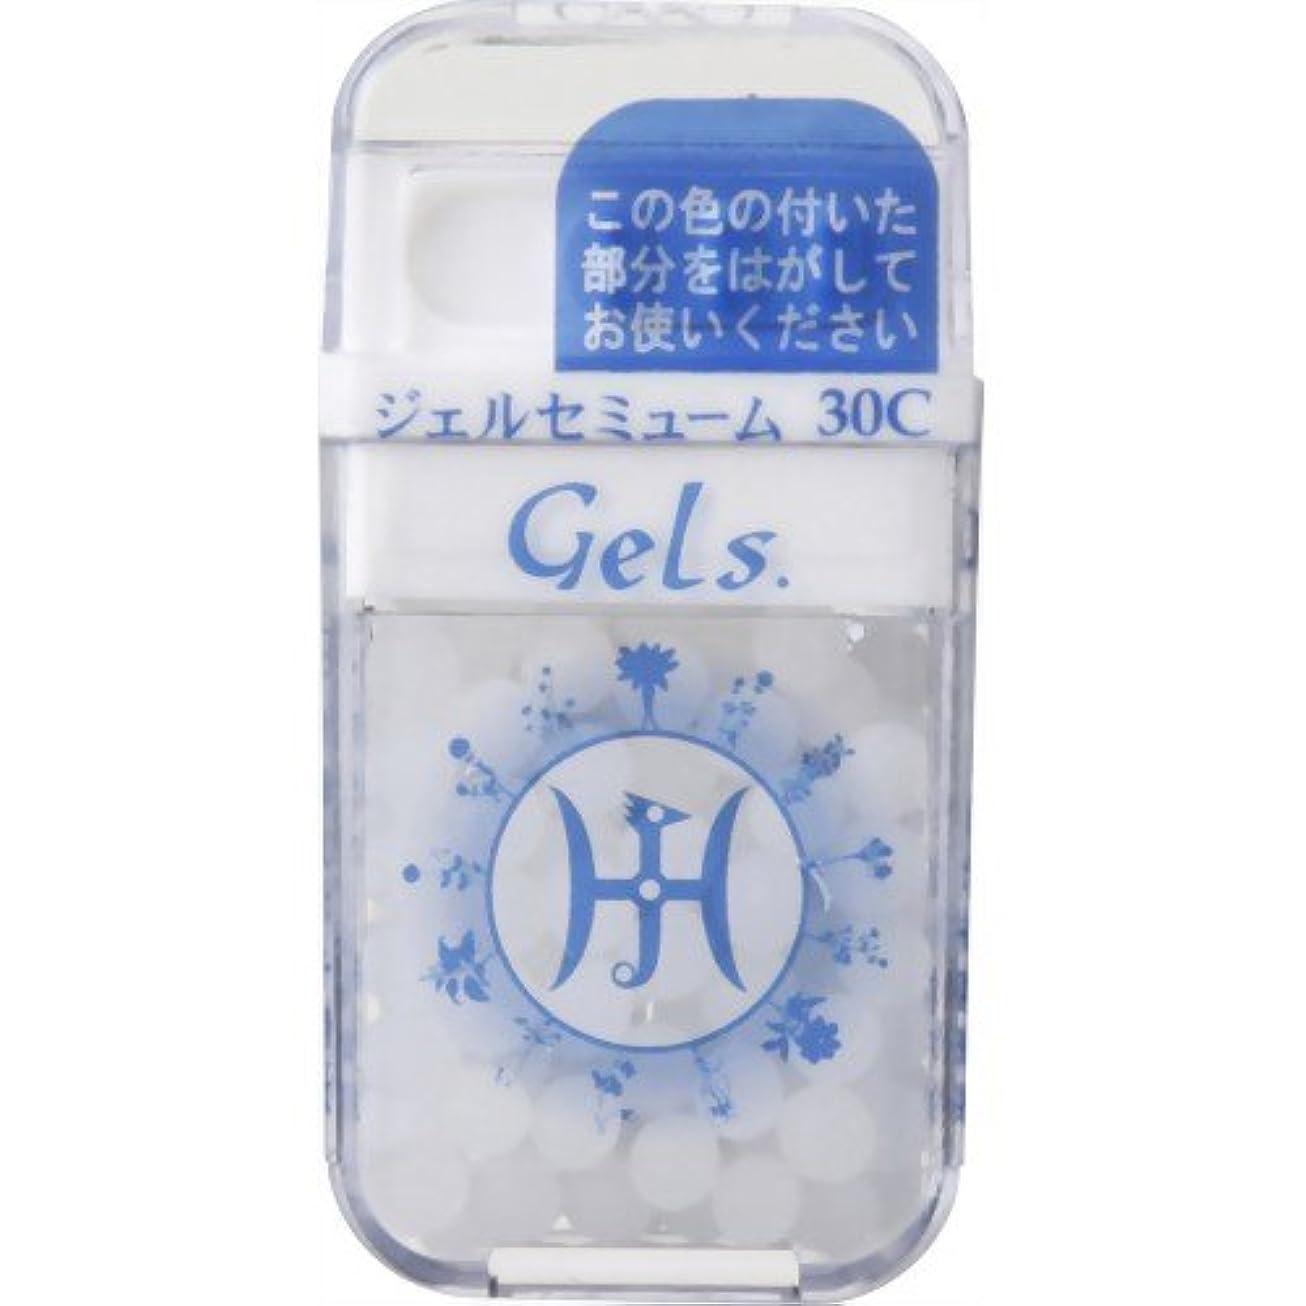 金曜日野球香水ホメオパシージャパンレメディー Gels.  ジェルセミューム 30C (大ビン)